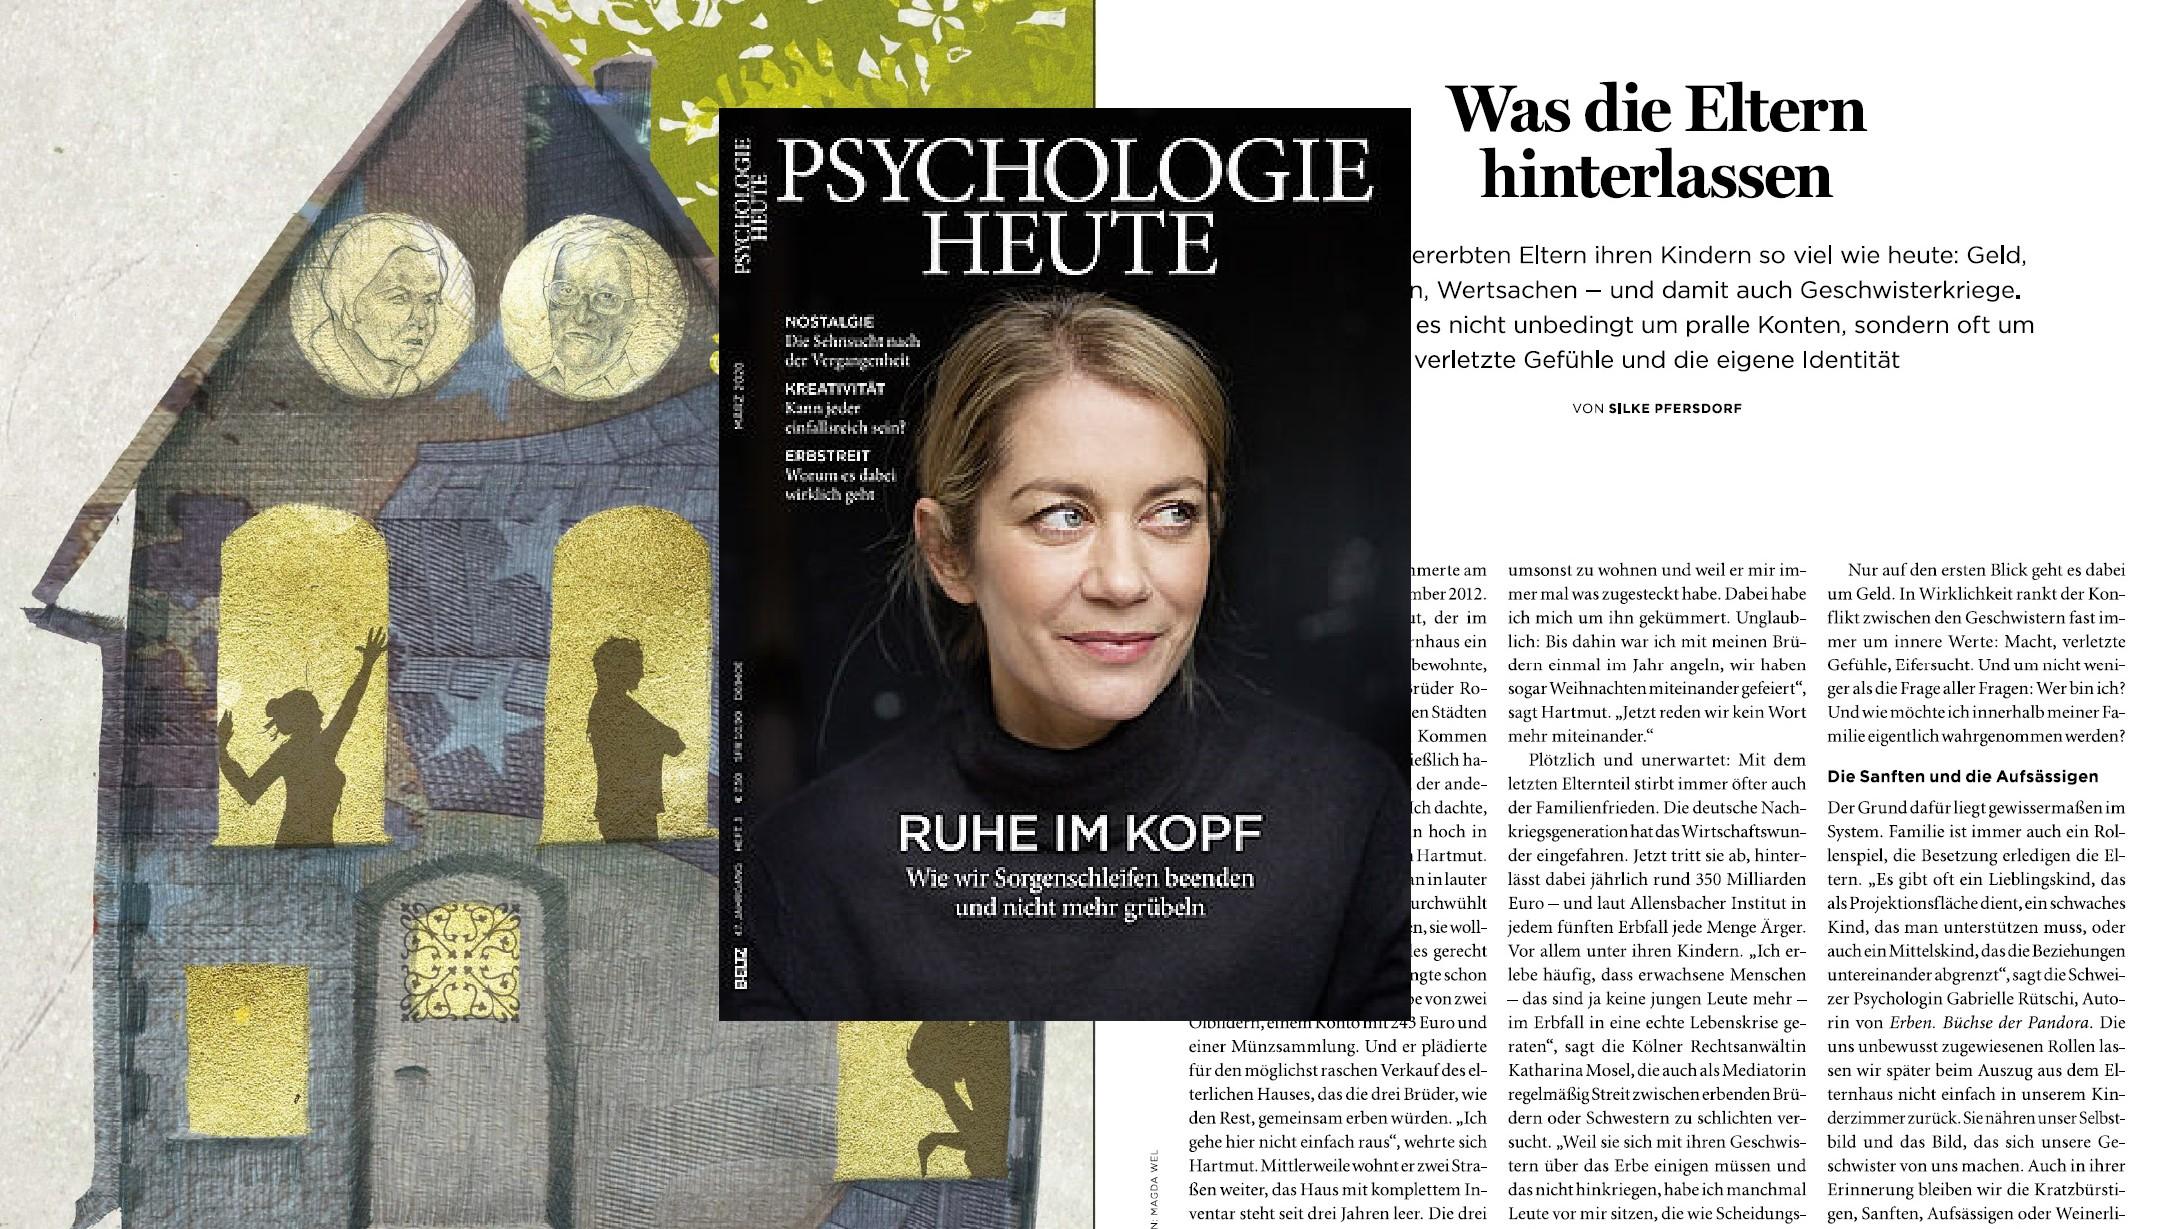 """Was die Eltern hinterlassen – Beitrag in """"Psychologie Heute"""""""